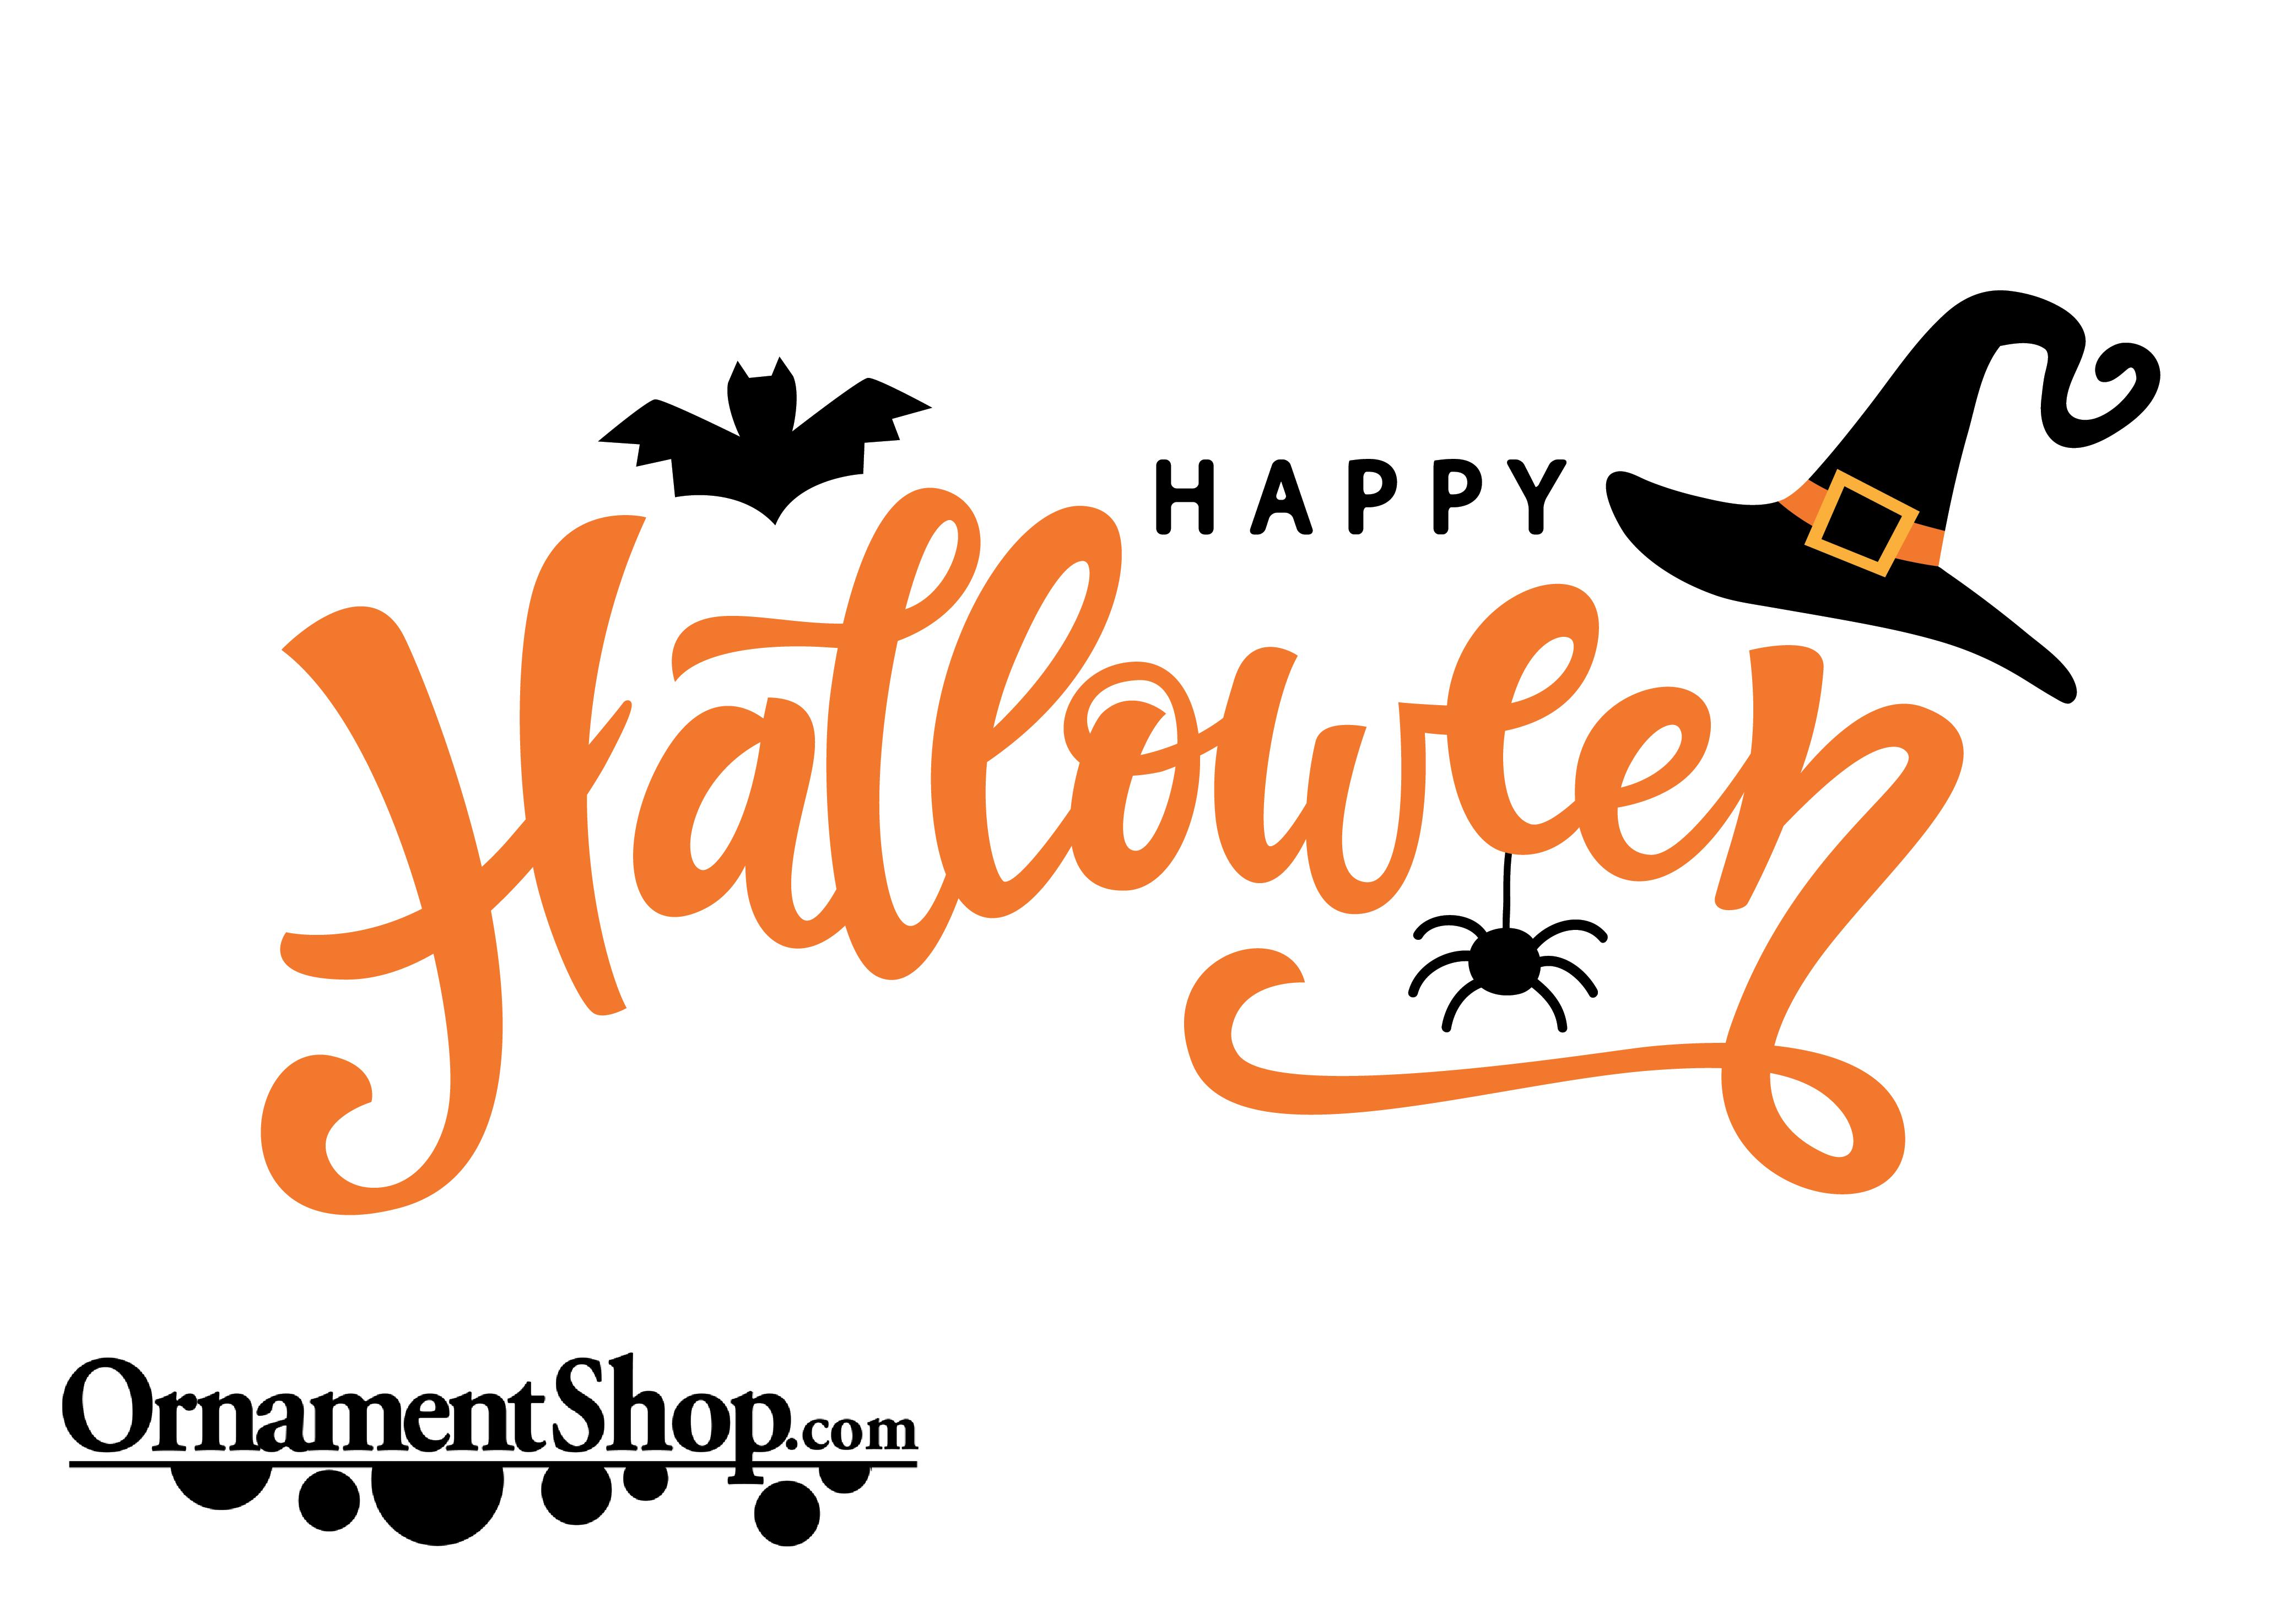 Happy Halloween Halloween Typography Halloween Text Halloween Pictures